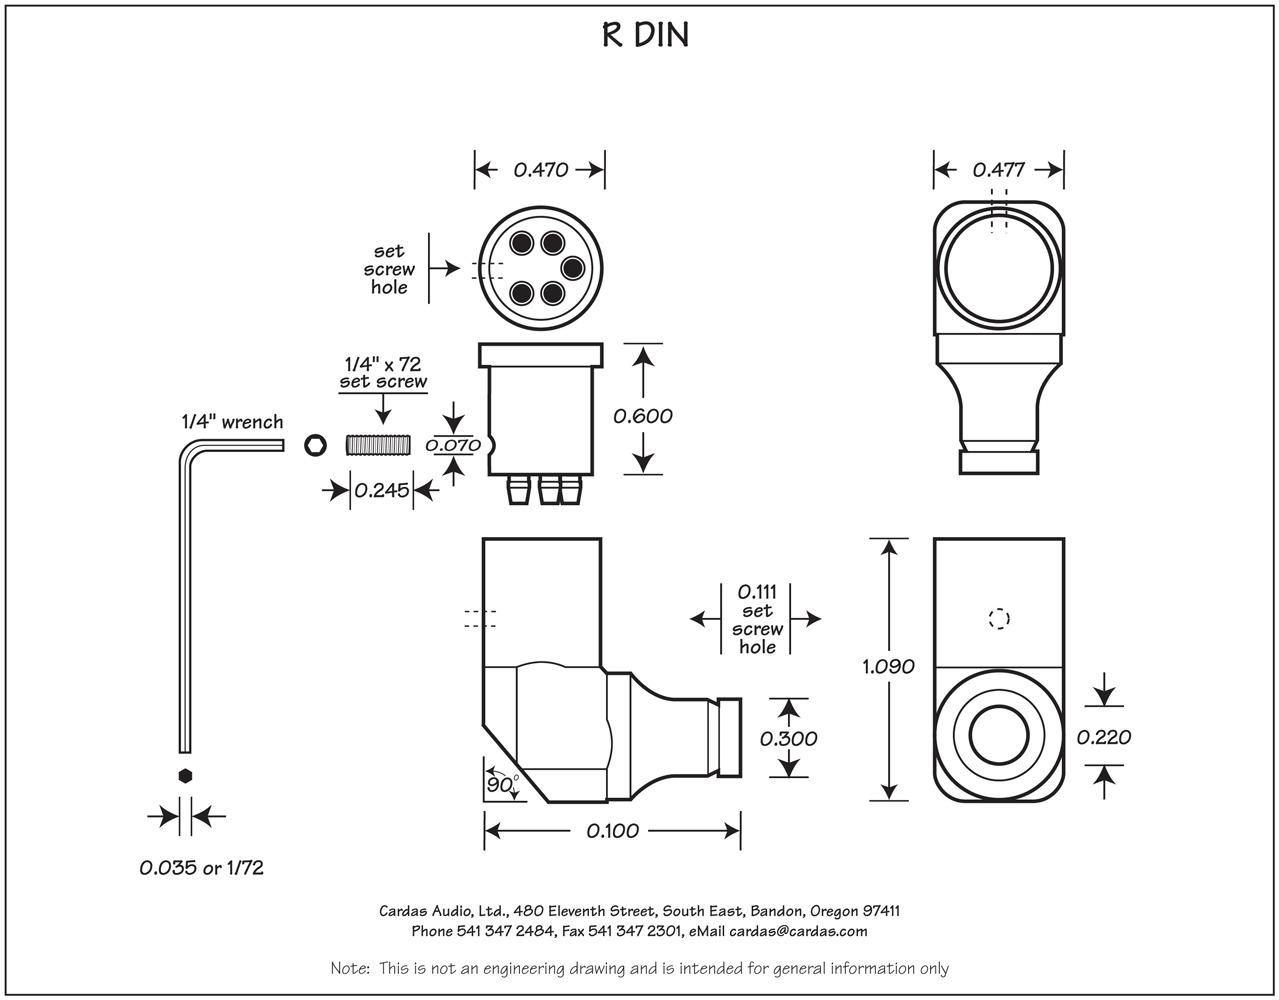 47rh 3 pin wiring diagram